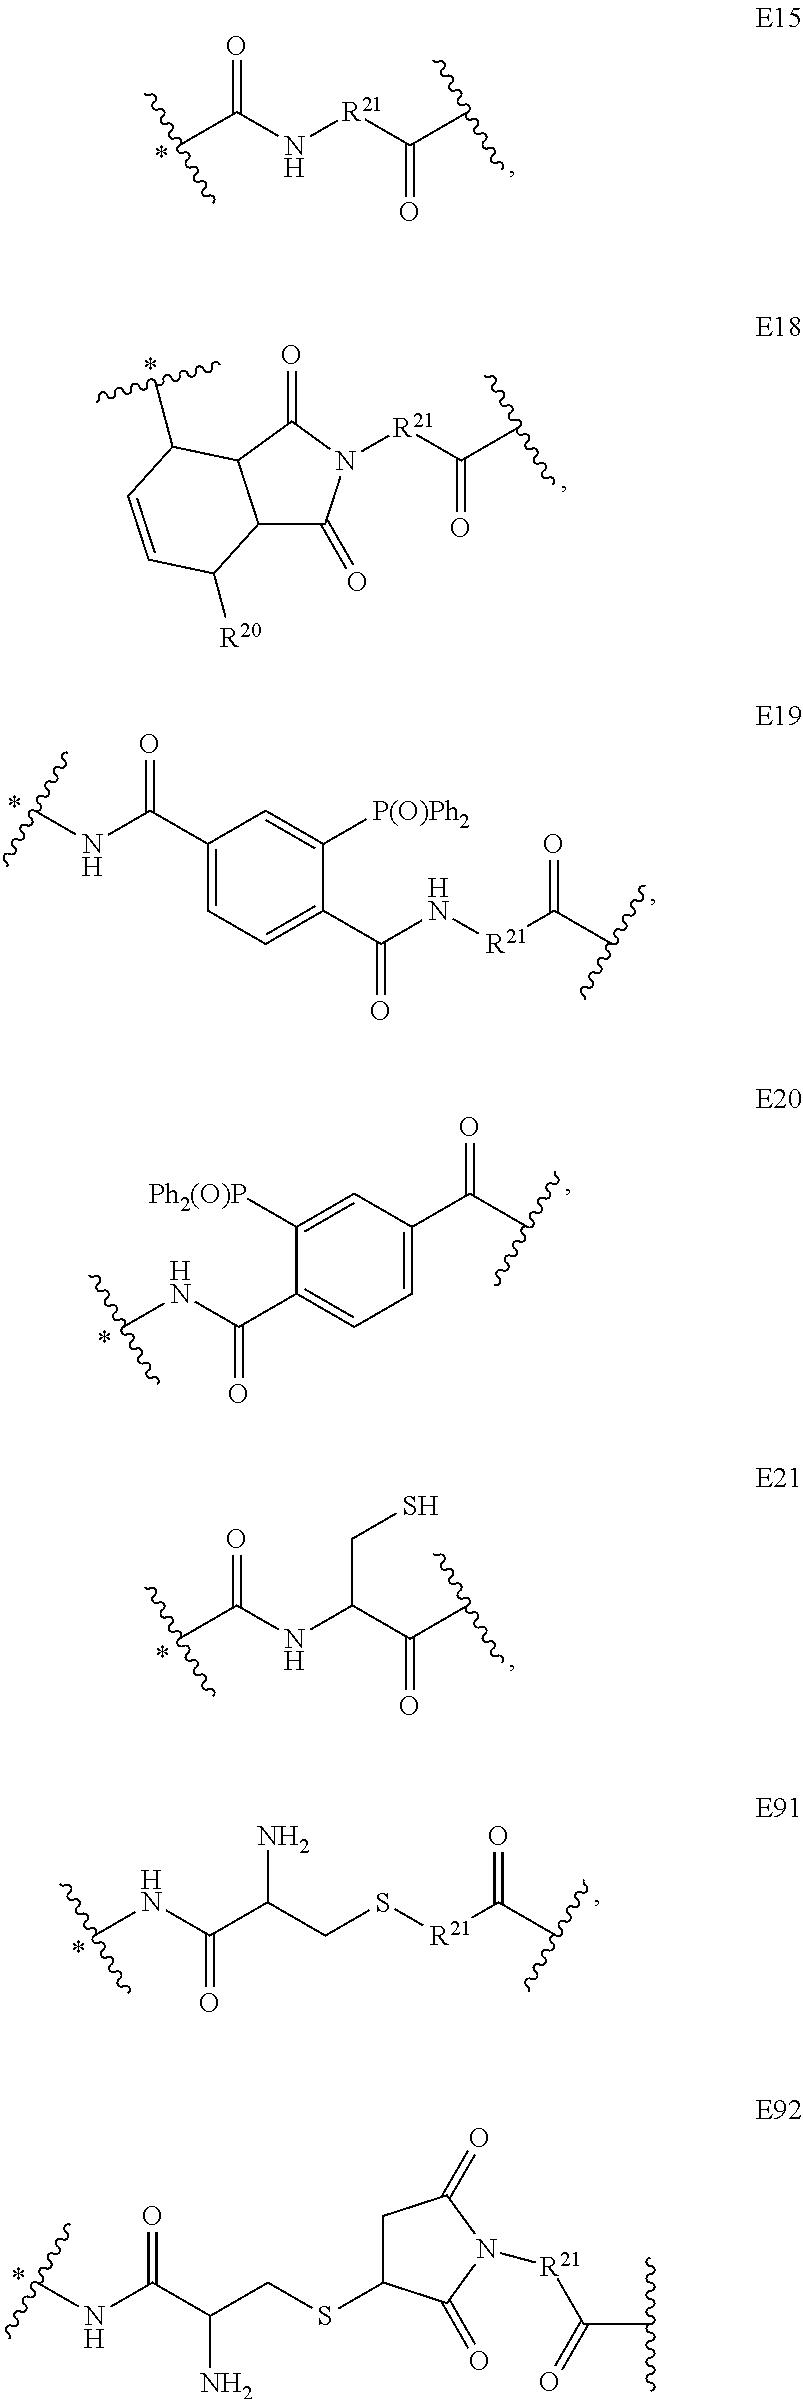 Figure US09764037-20170919-C00012